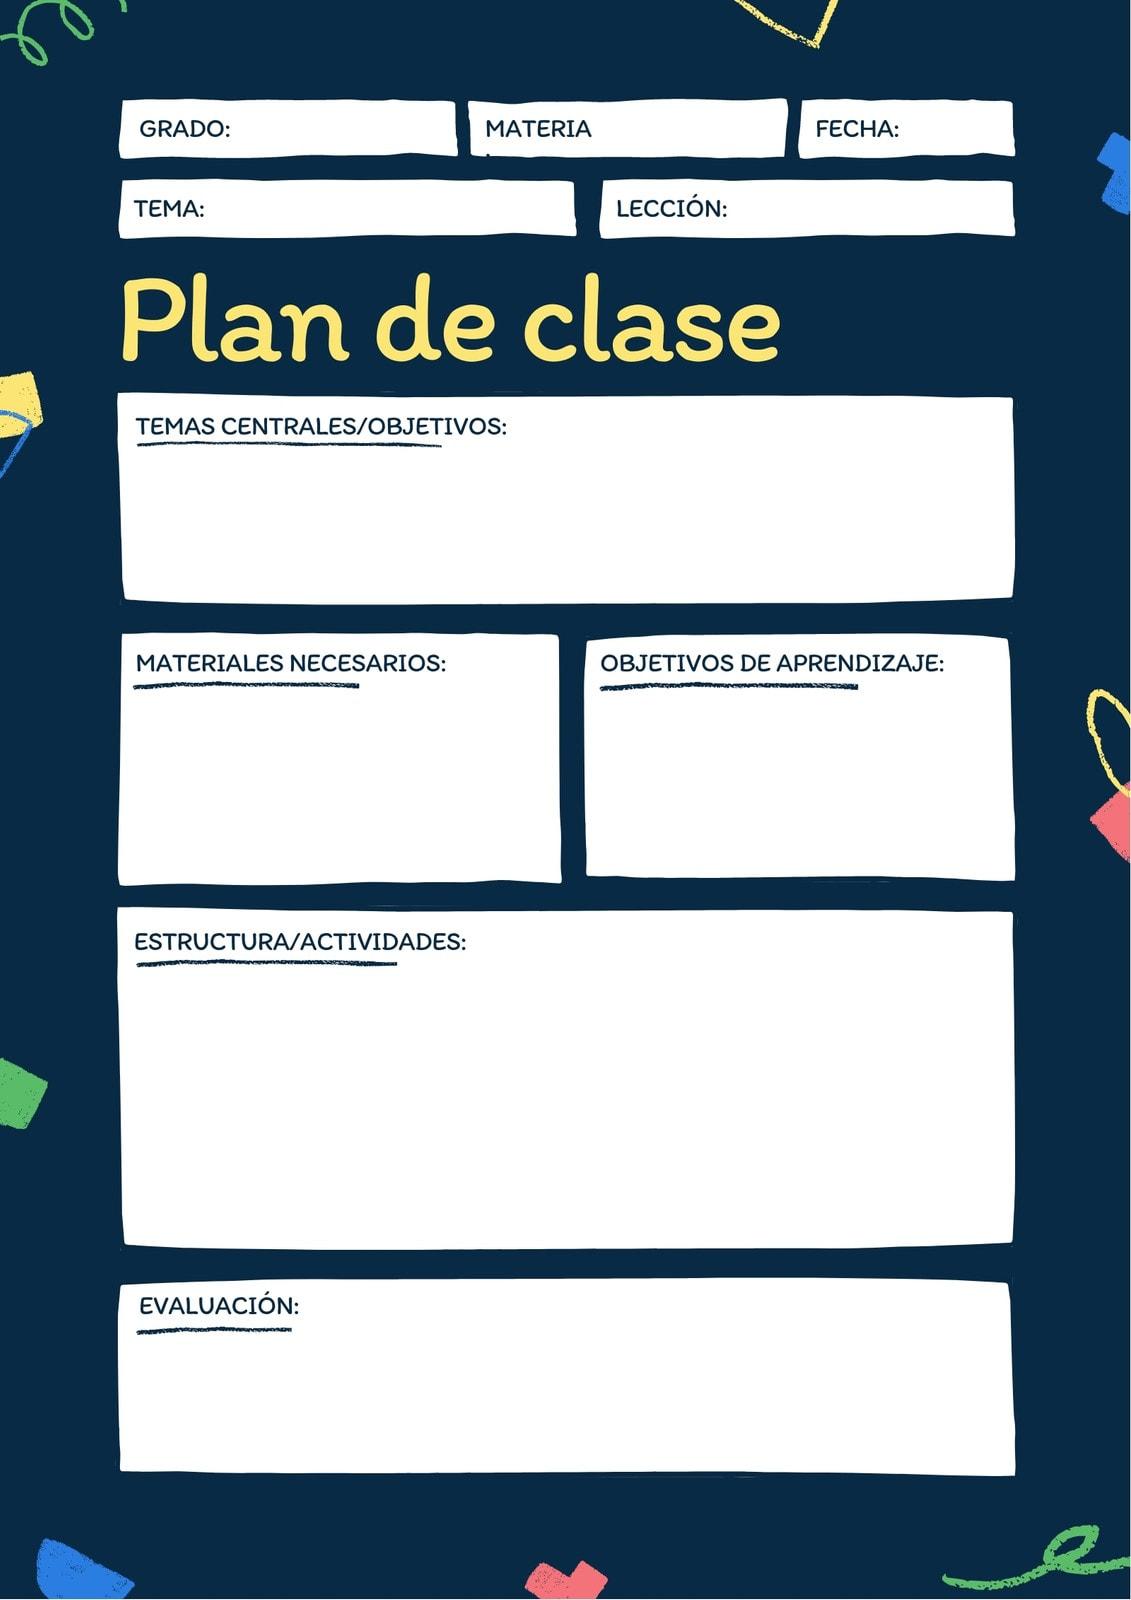 En Blanco Pizarrón Plan de Clase